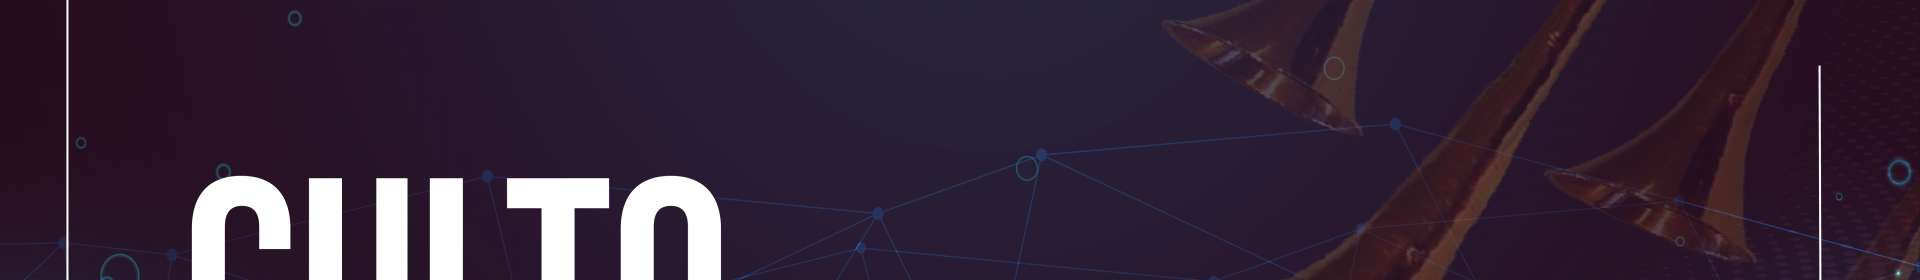 Culto via satélite exibido em 26/11/2019